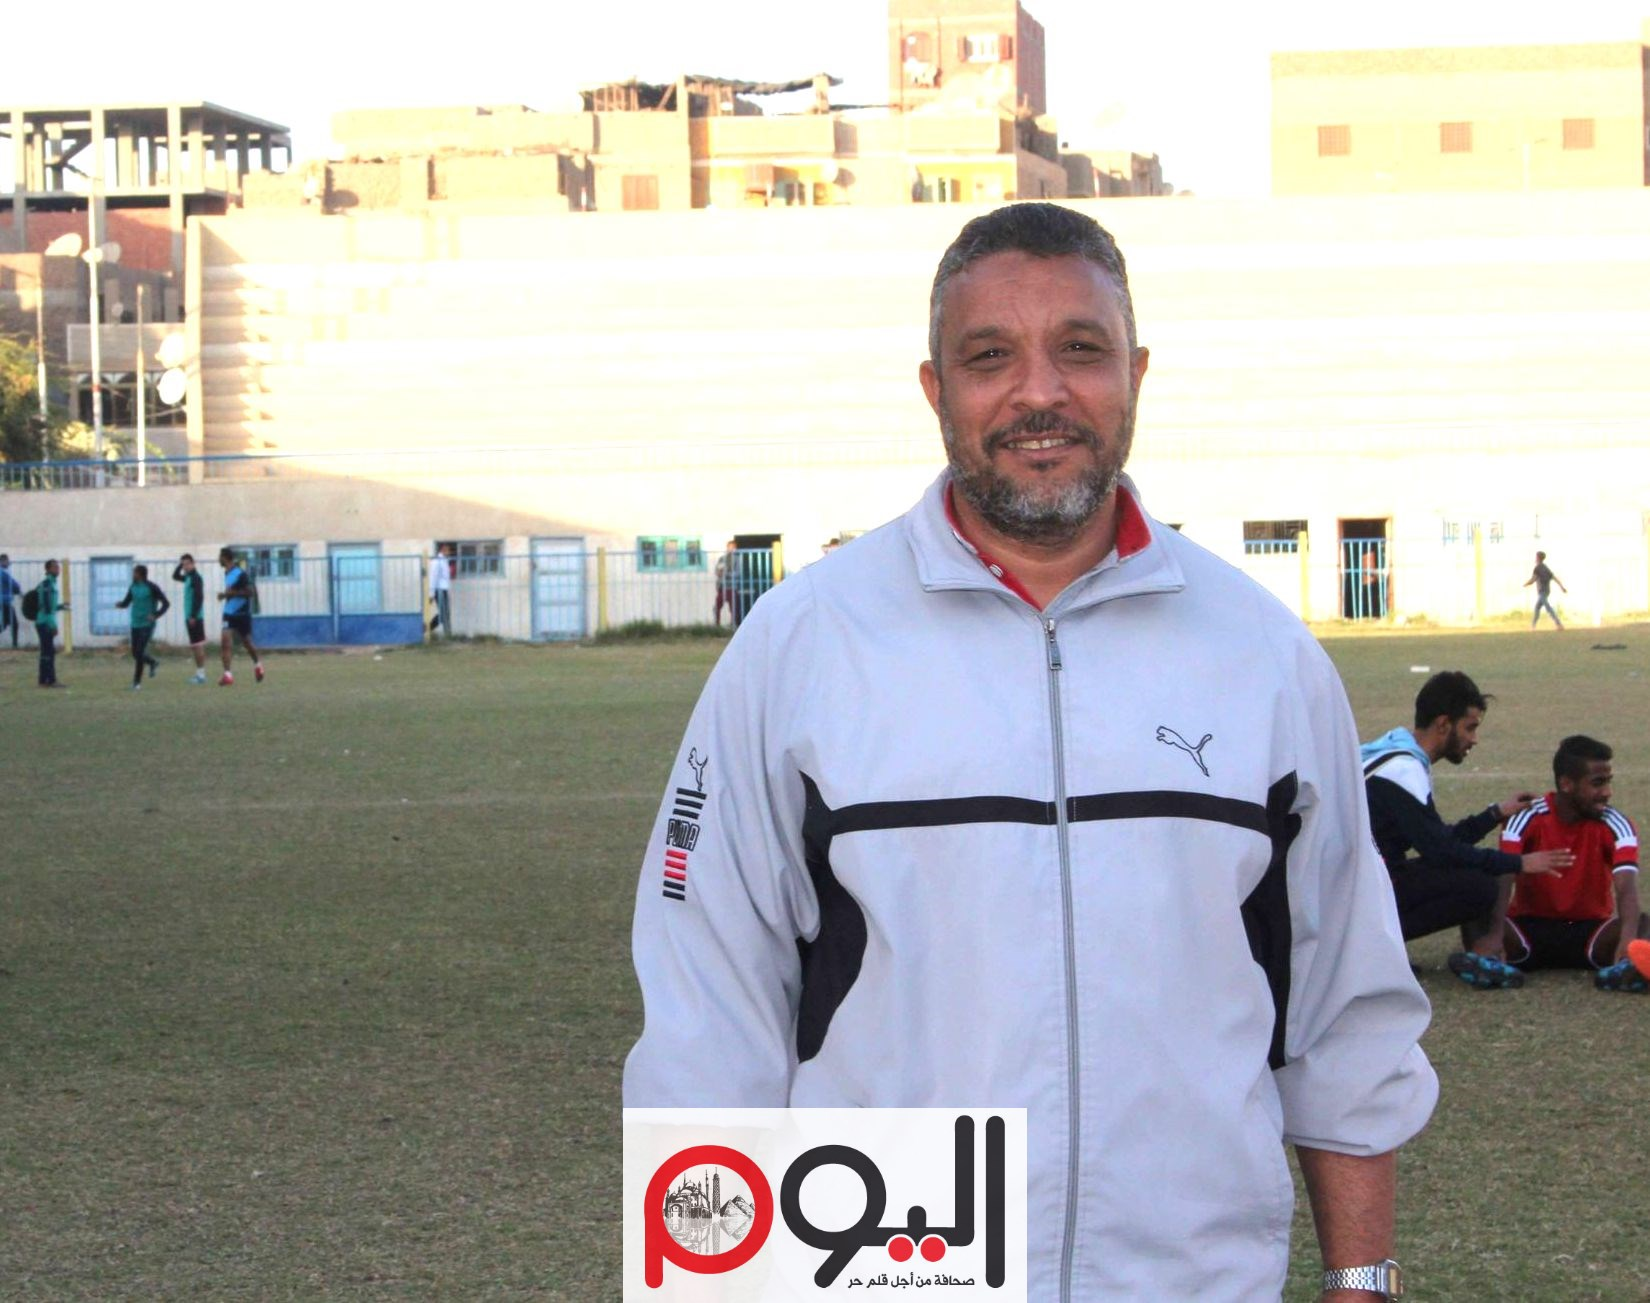 محمد عيسى، المدير الفني لشبان قنا، تصوير نورهان ذكي